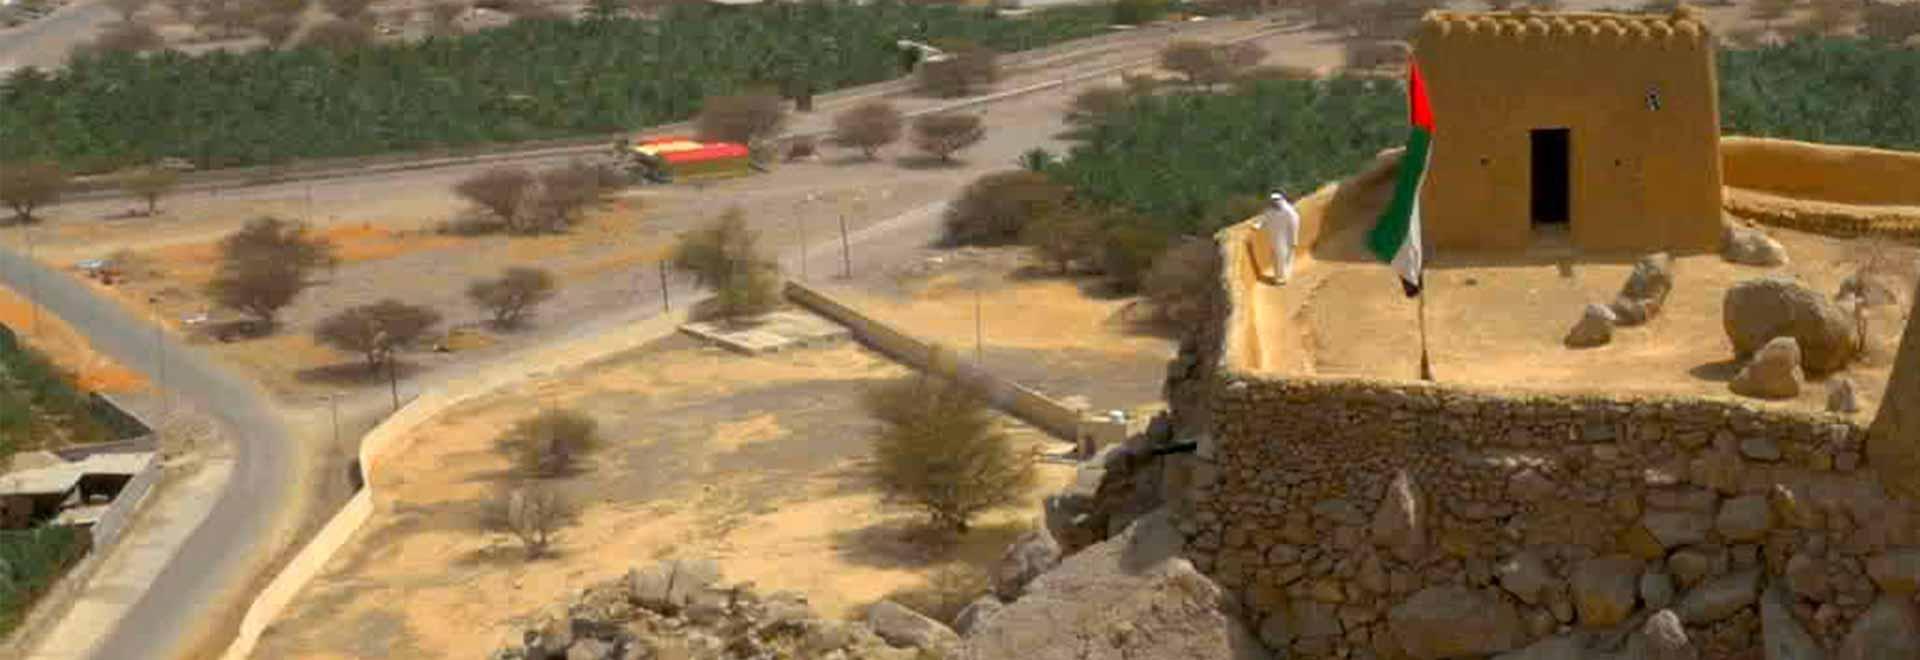 Sfida nel deserto